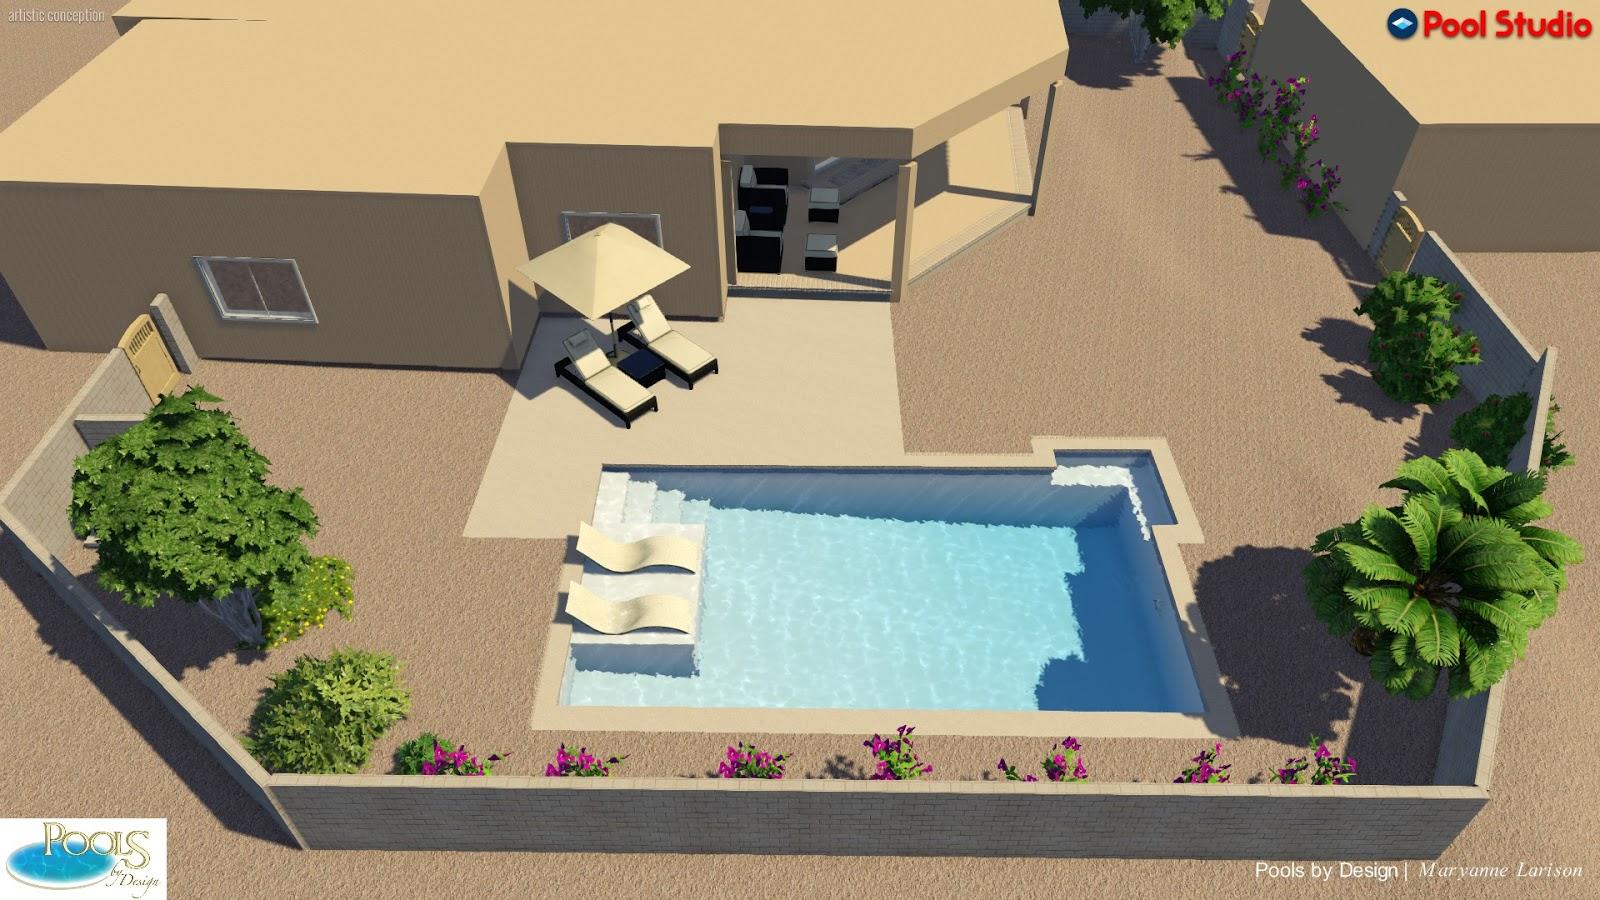 Zelf zwembad bouwen in tuin: deze vader had het geld niet om een